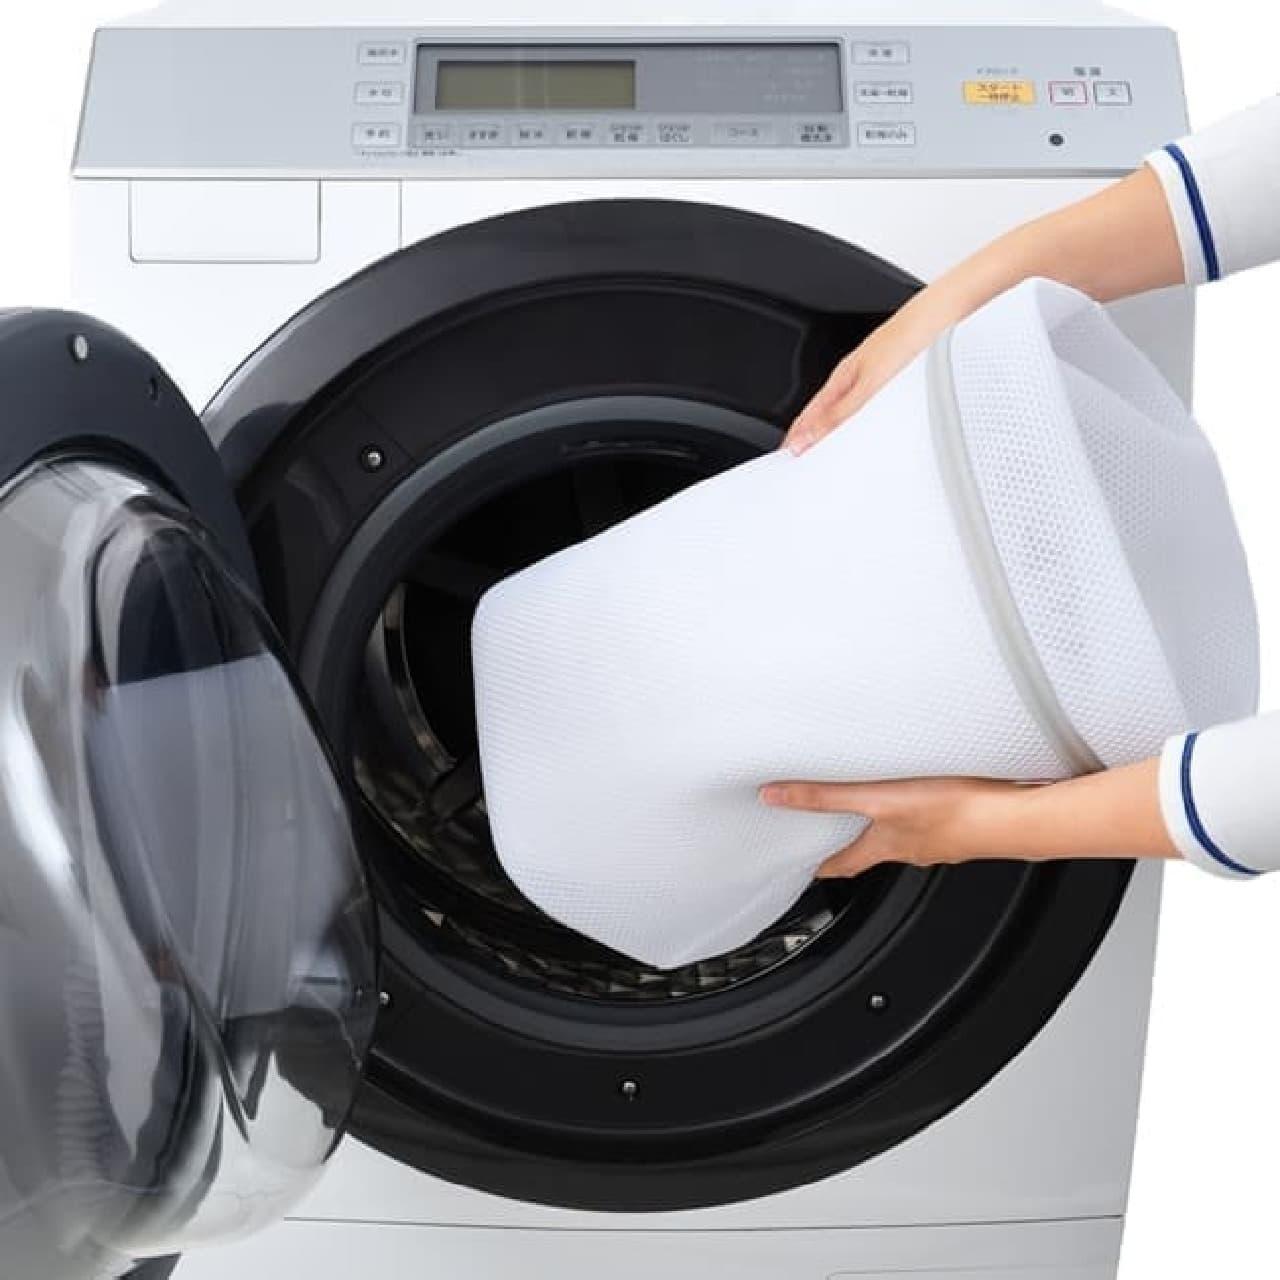 ドラム式洗濯機用の洗濯ネット「ドラム式専用ネット」